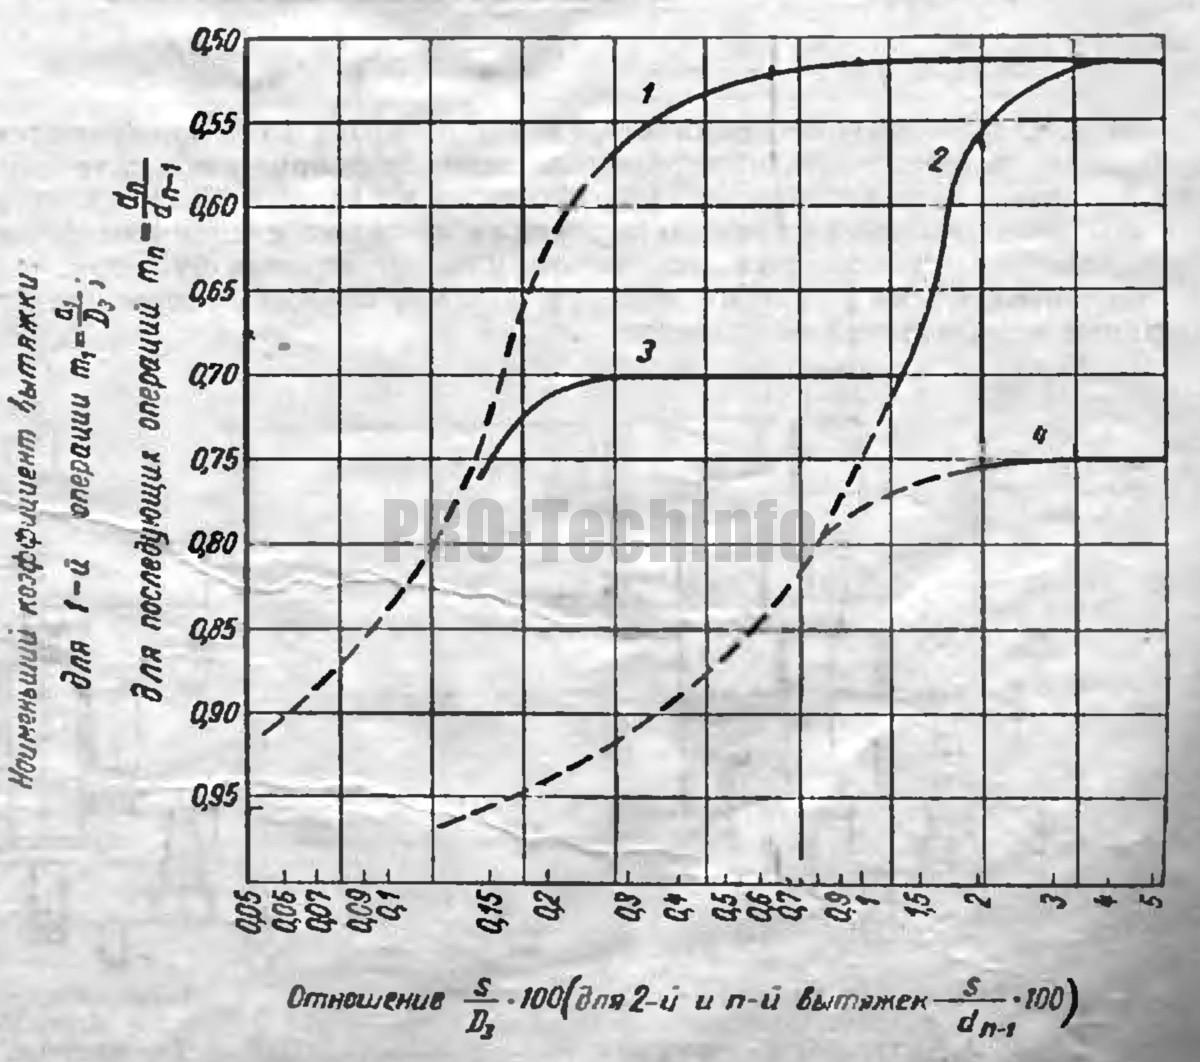 графики по выбору типа пресса в зависимости от отношения (s/D3)⋅100 и (s/dn-1)⋅100, а также коэффициентов вытяжки m1 и mn